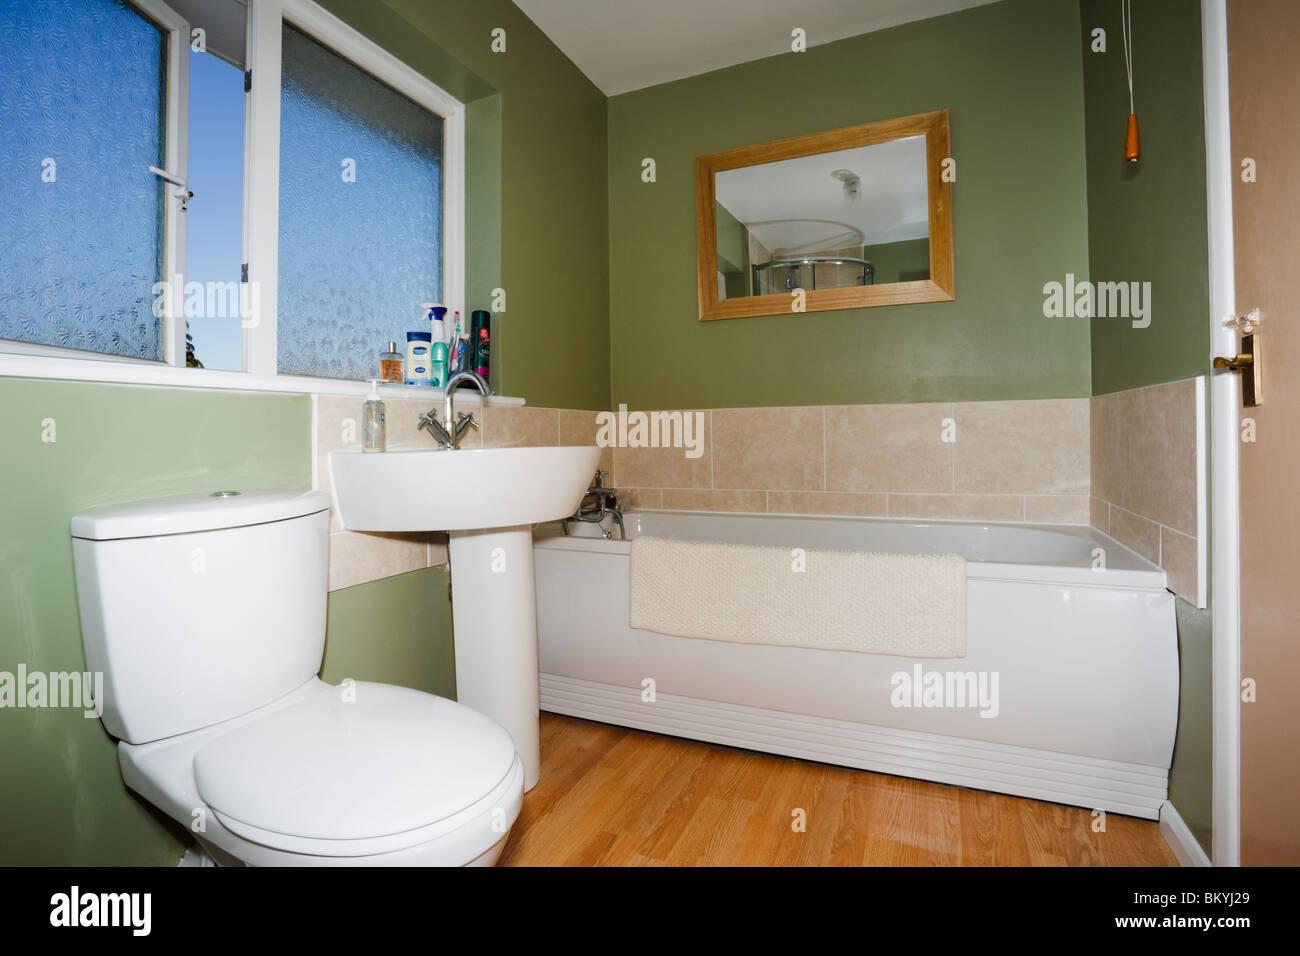 Bad Toilette mit grünen Wänden und weißen Suite mit Keramik Toilette, Waschbecken und Badewanne. Stockbild